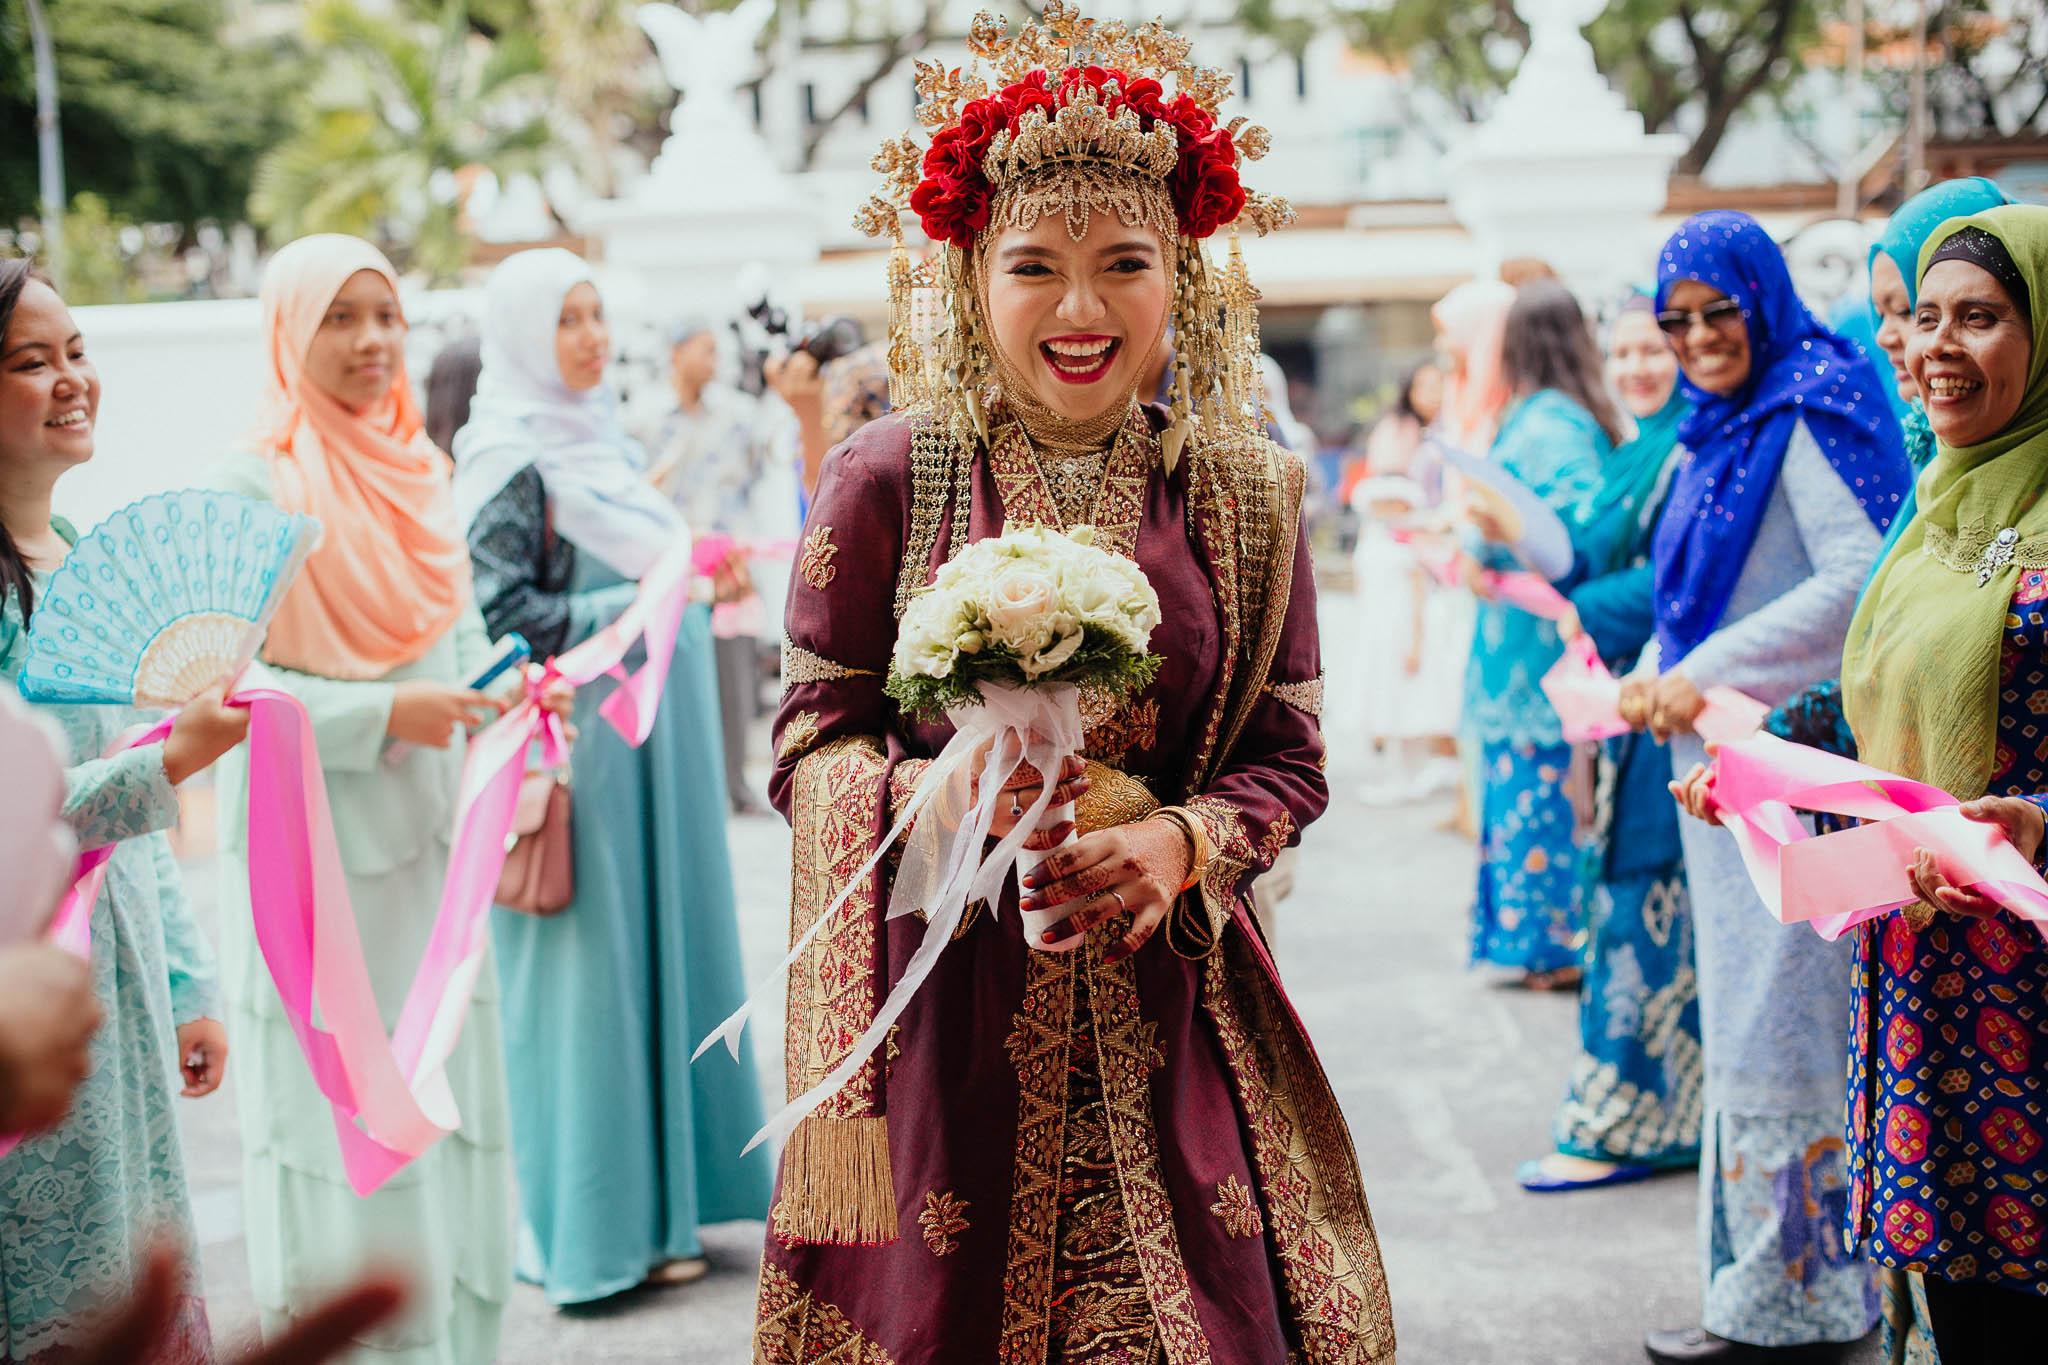 singapore-wedding-photographer-travel-wemadethese-atara-hafizah-41.jpg